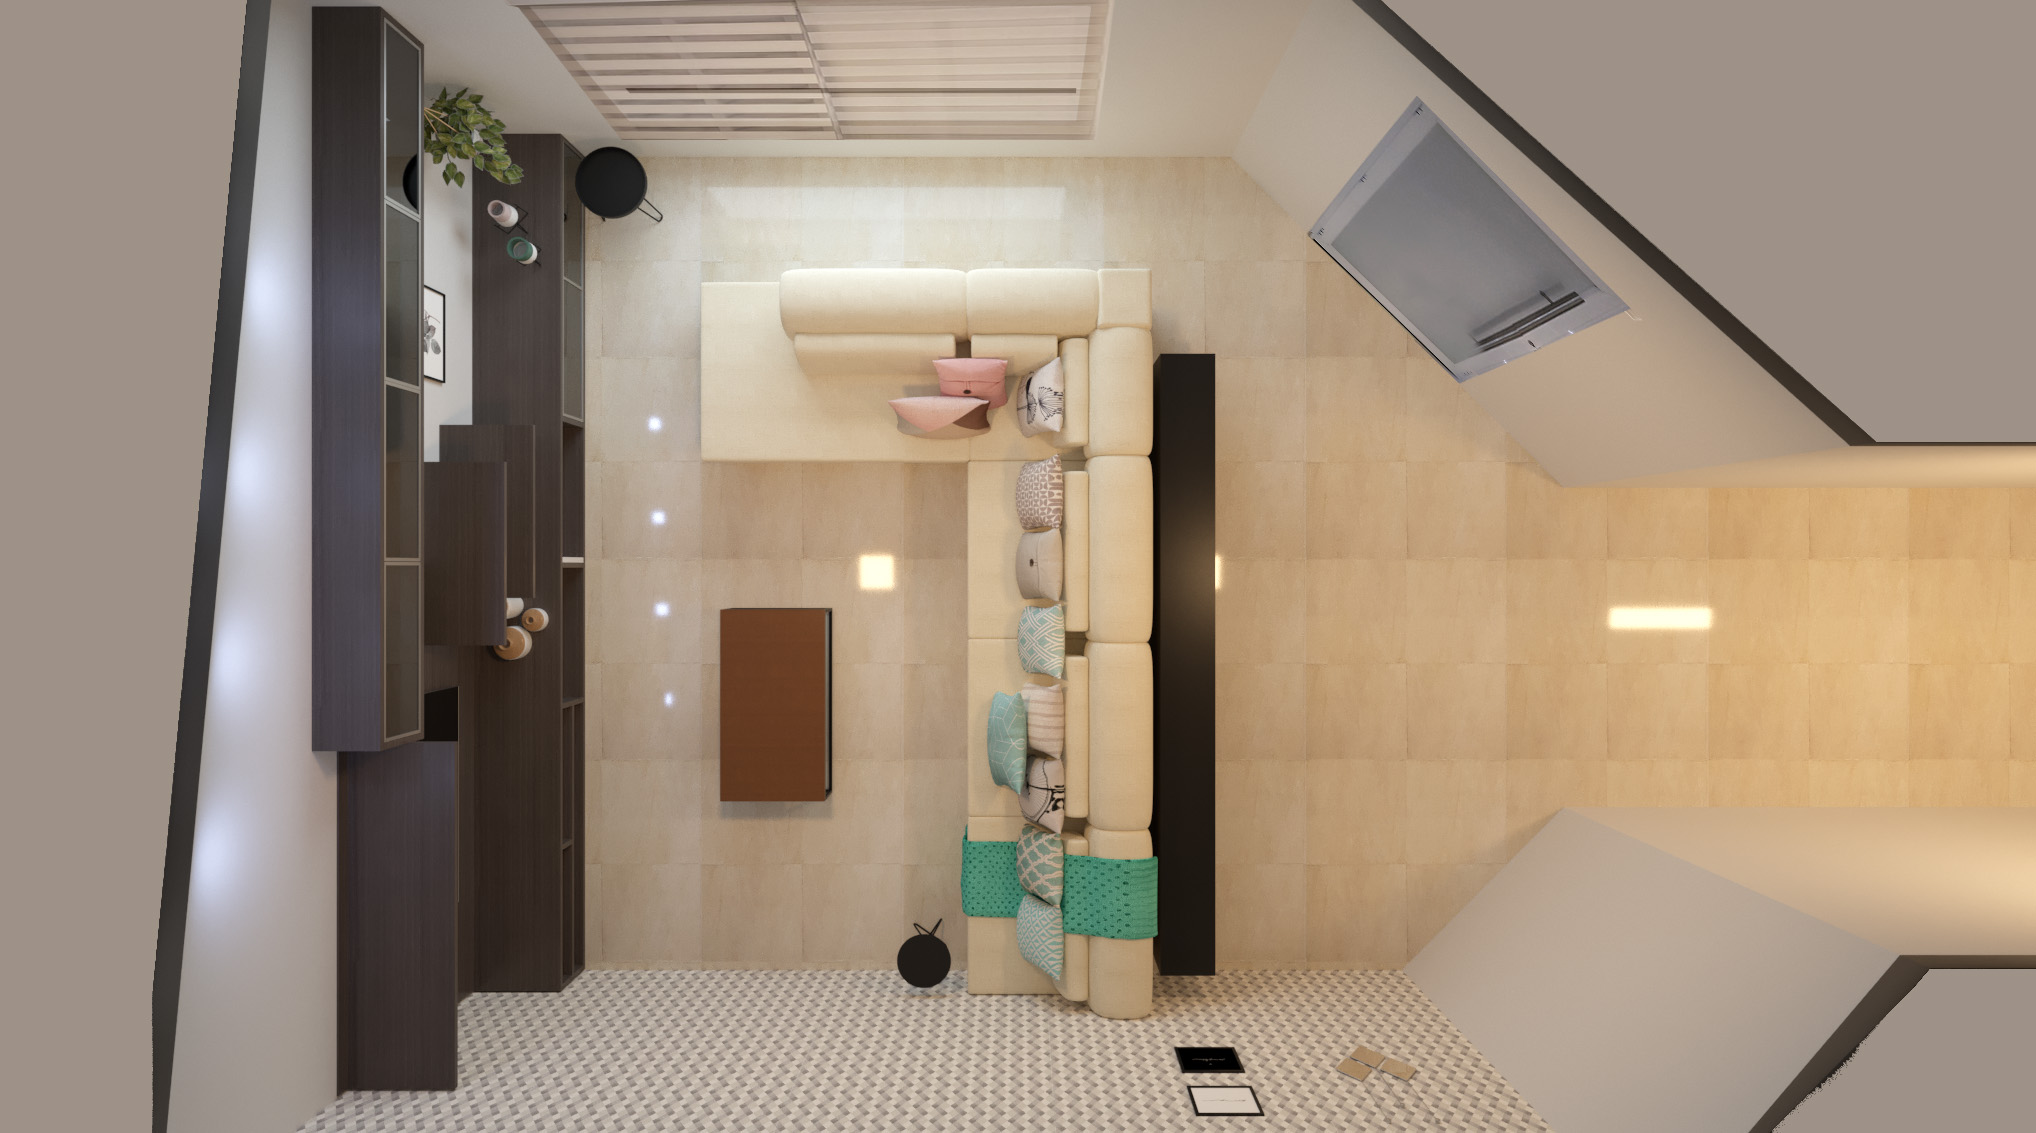 Sala de estar estilo Romântico Aconchegante